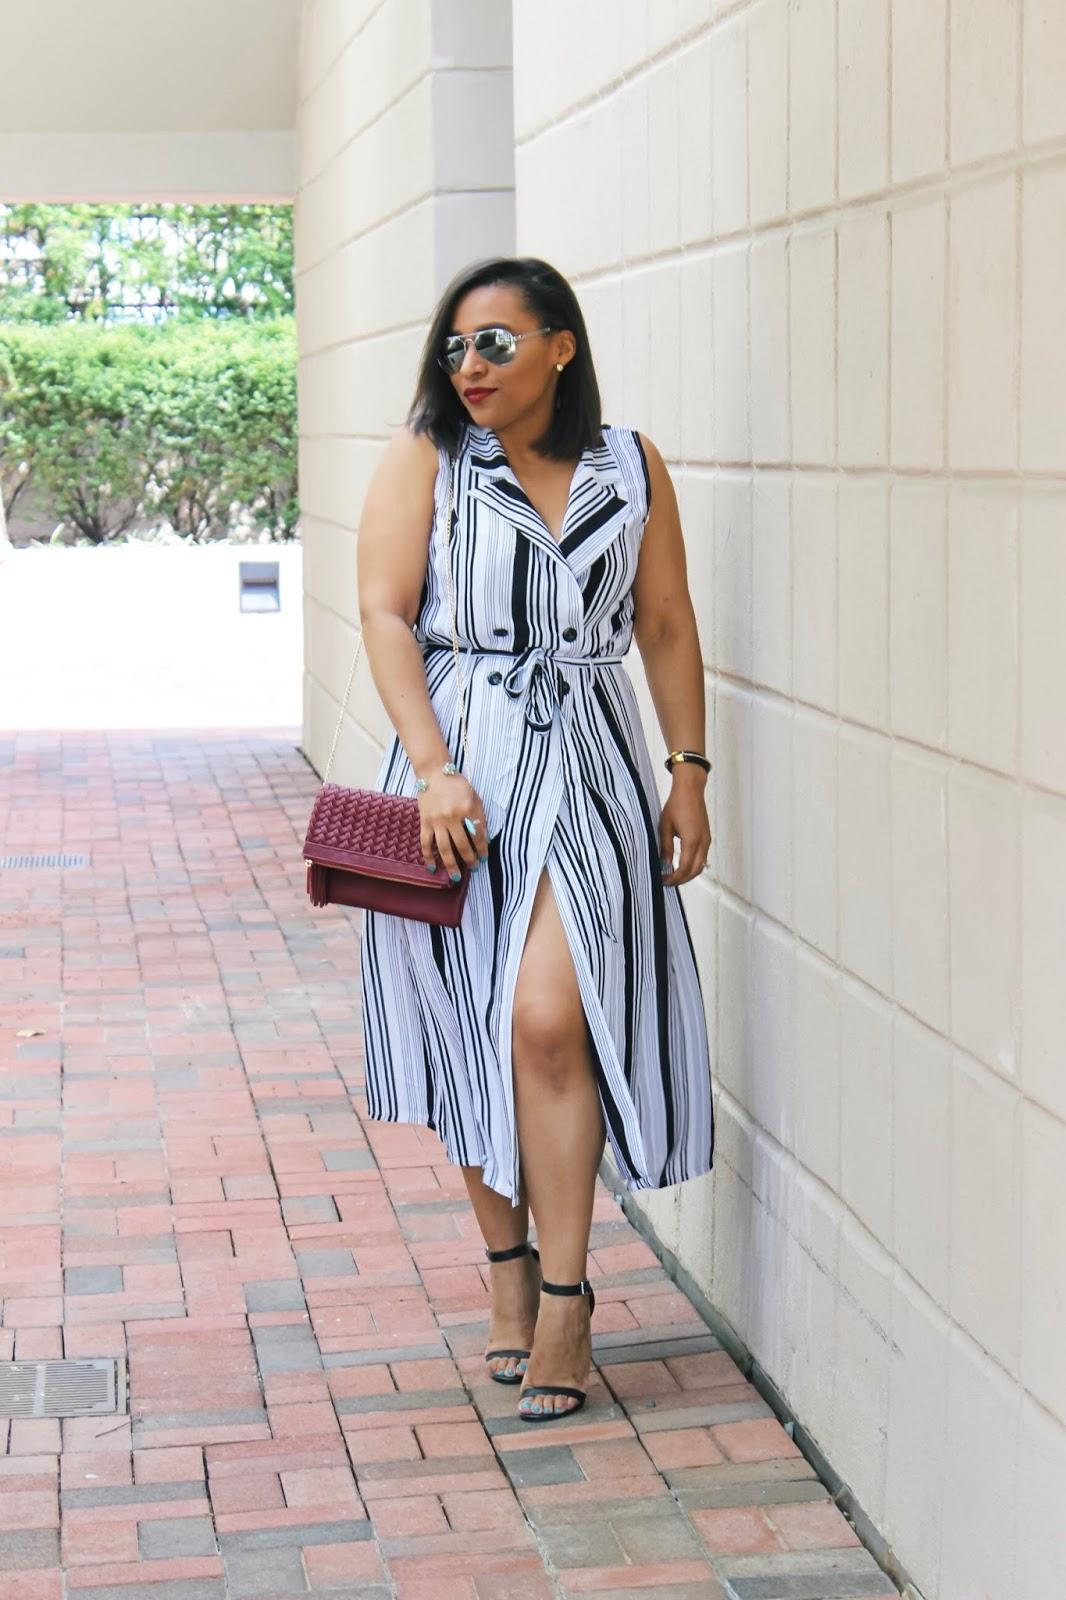 summer dress, spring dress, striped dress, shoulder bag, fringe purse, ankle strap heels, bob haircut, summer bucket list